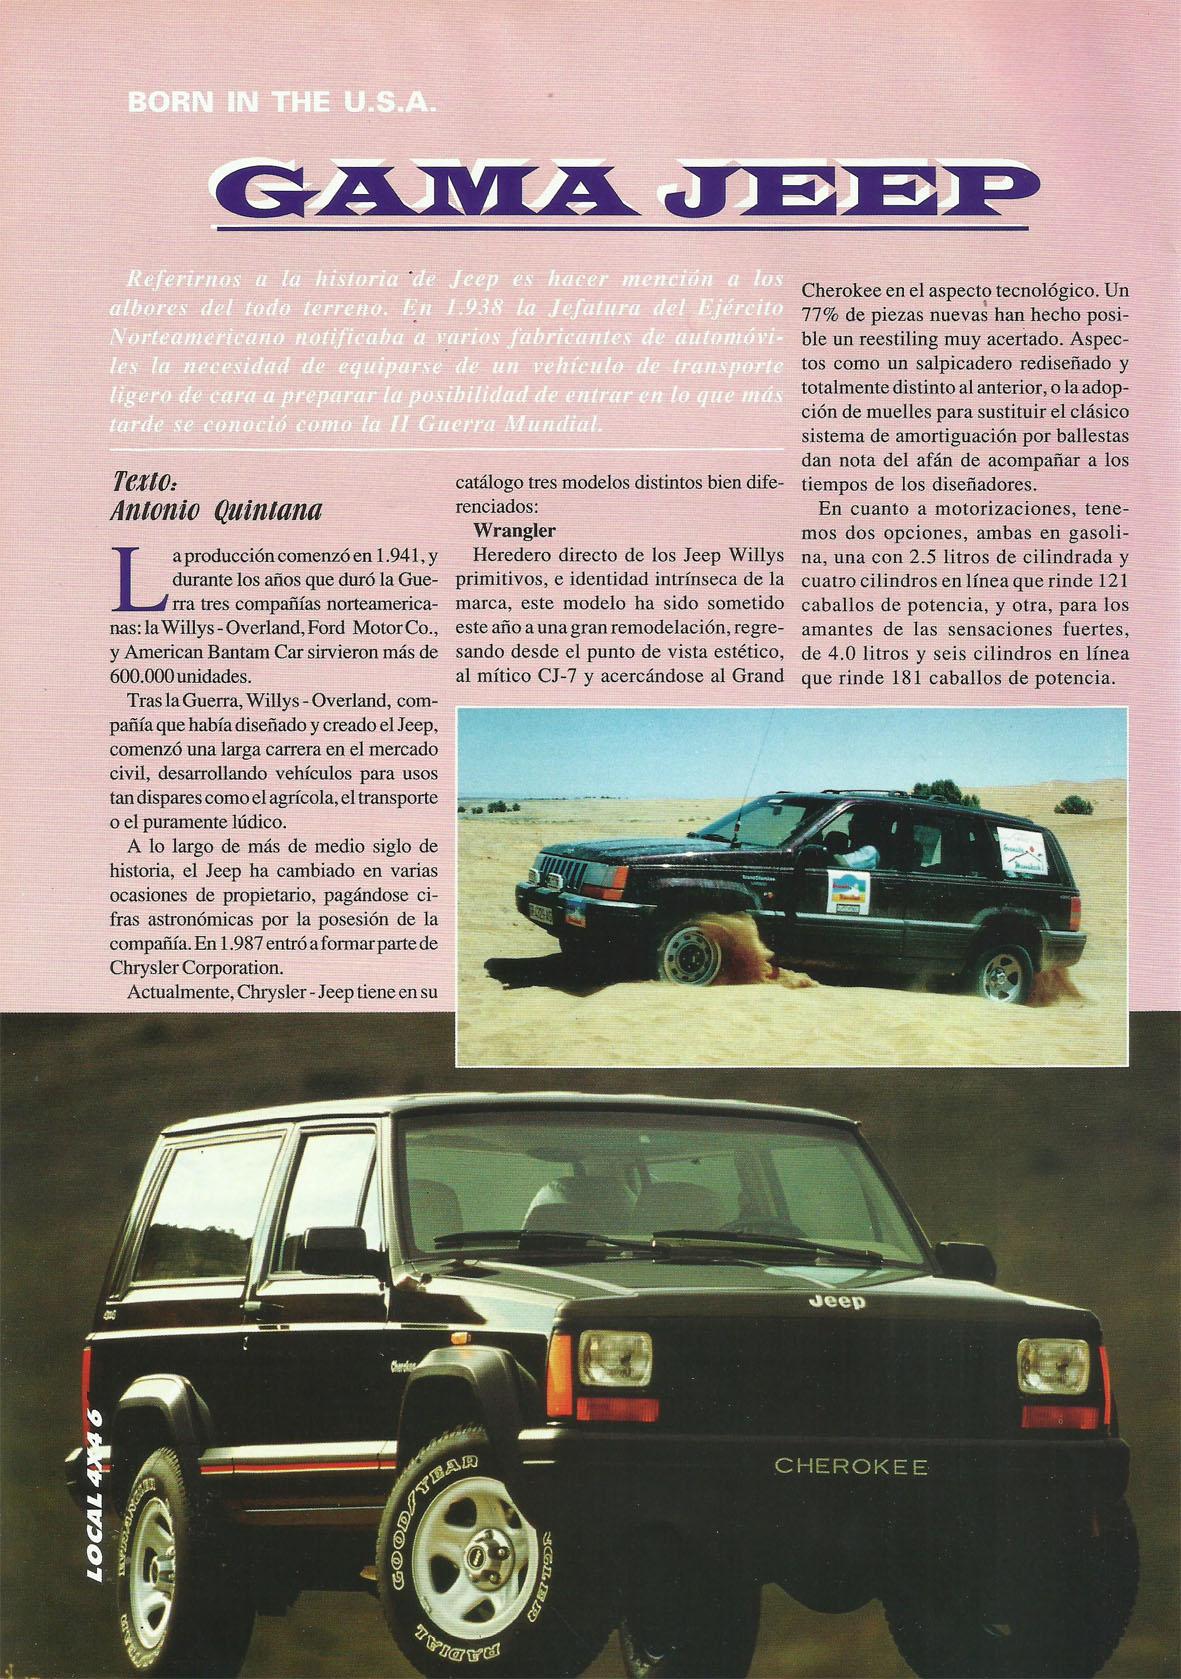 Revista Local 4x4 32 06 Gama Jeep 1997 01